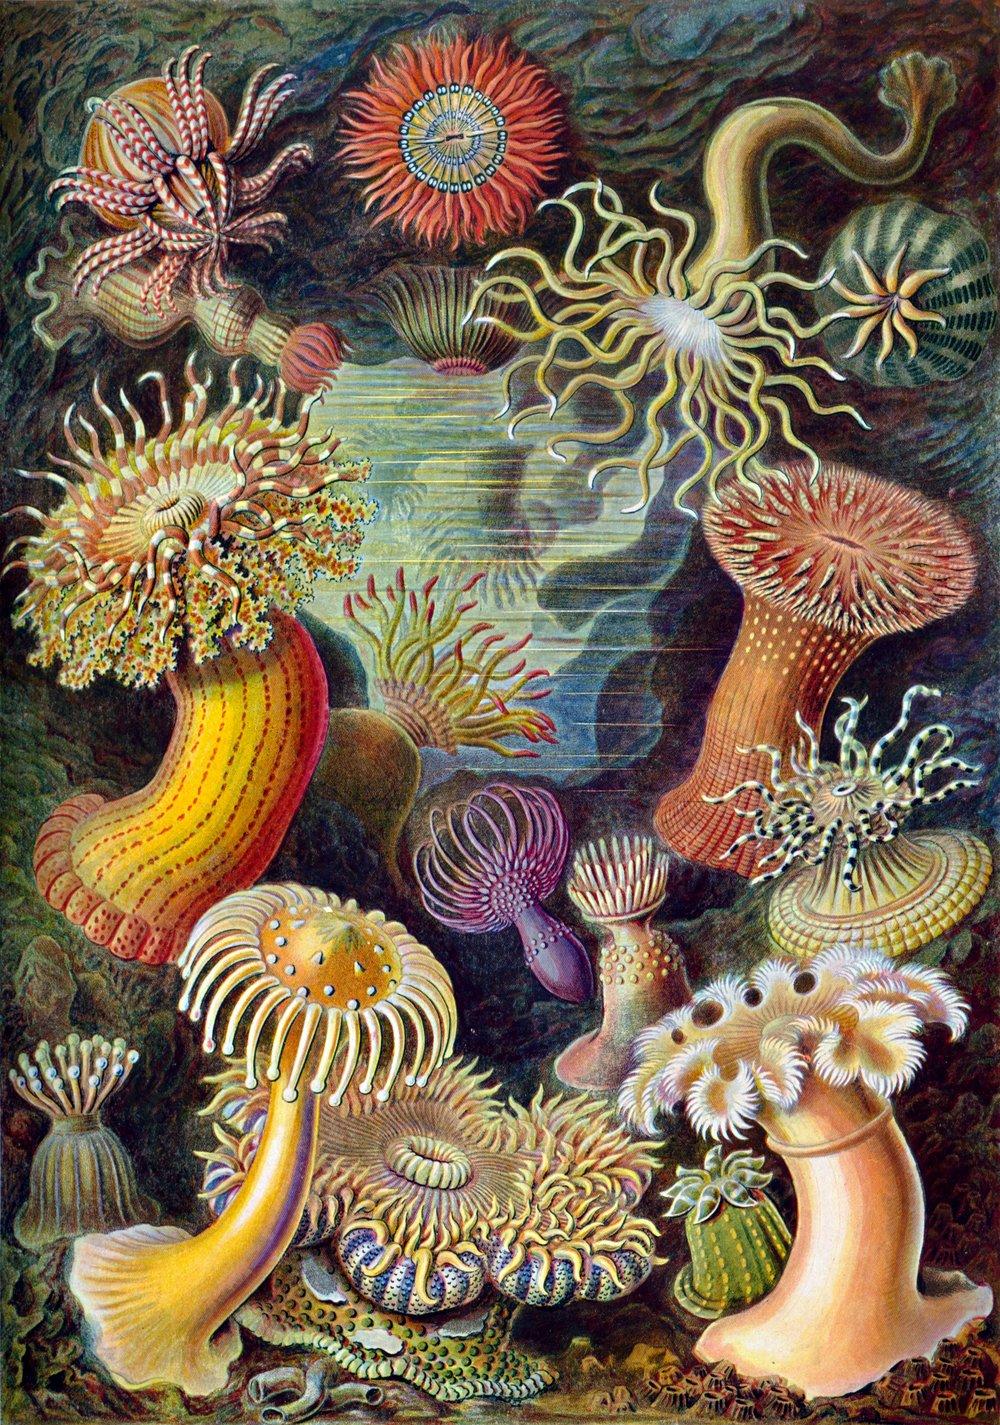 stock-graphics-vintage-Ernst-Haeckels-Kunstformen-der-Natur-viintage-00491.jpg